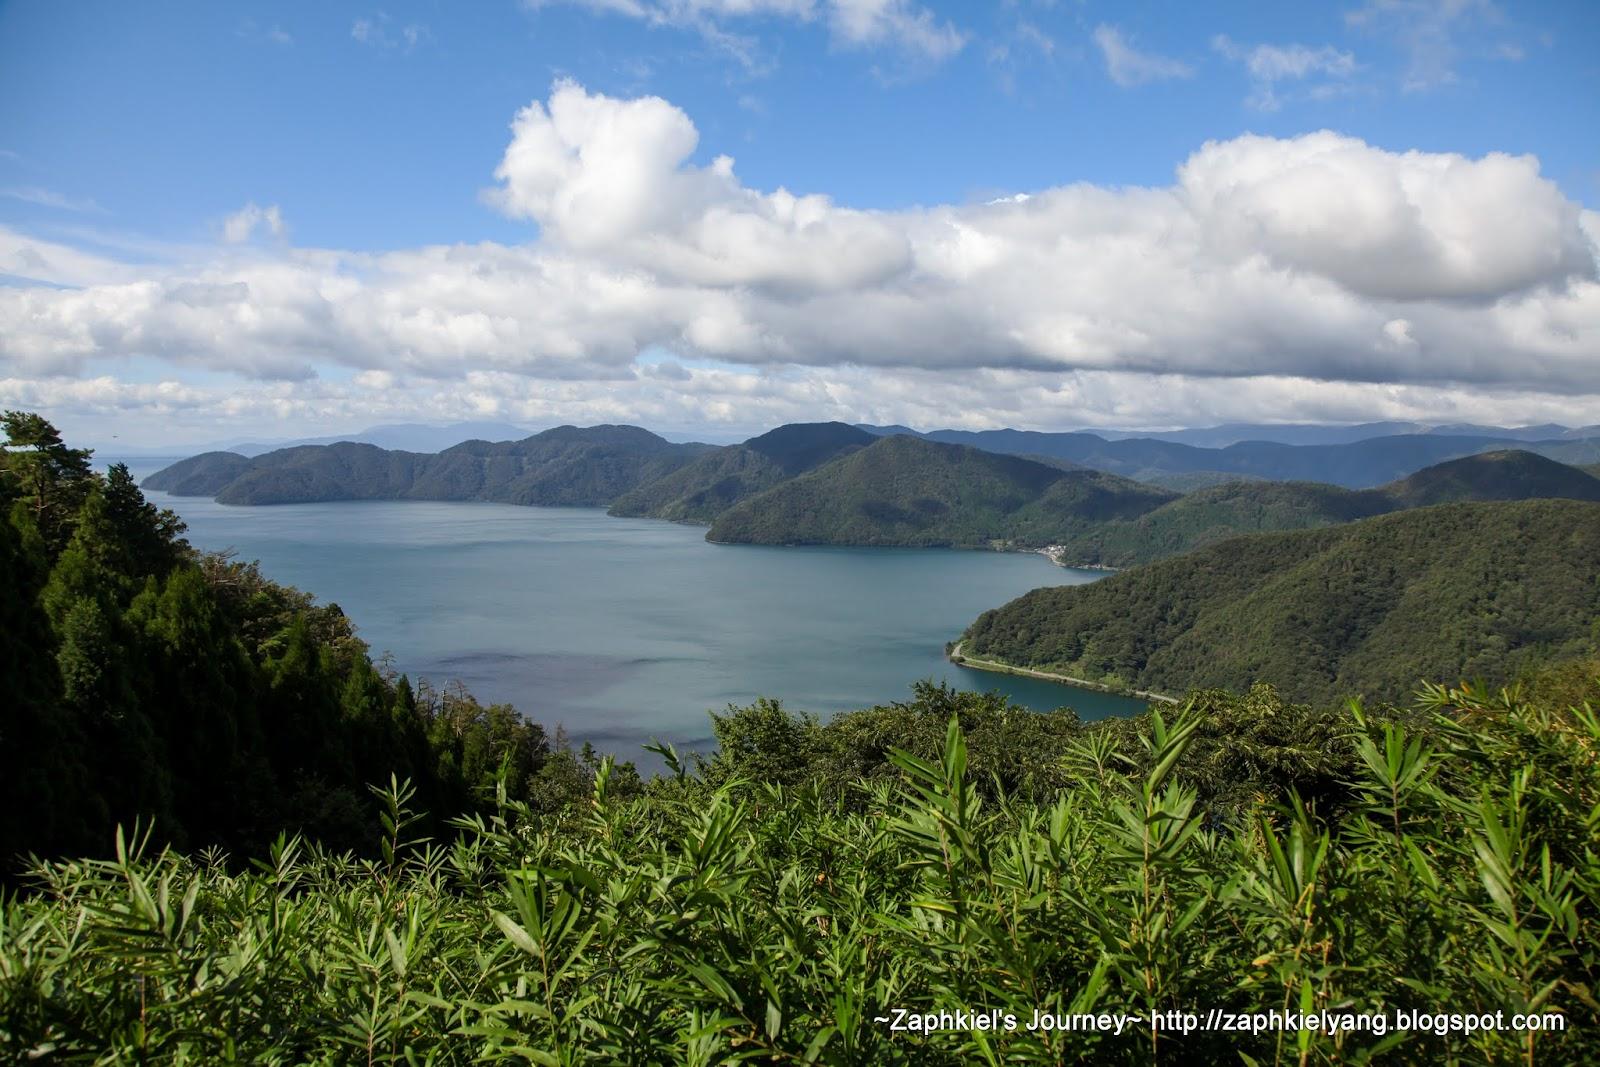 【日本 滋賀】2015秋季日本旅遊Day2 - 琵琶湖八景之賤岳與賤岳古戰場